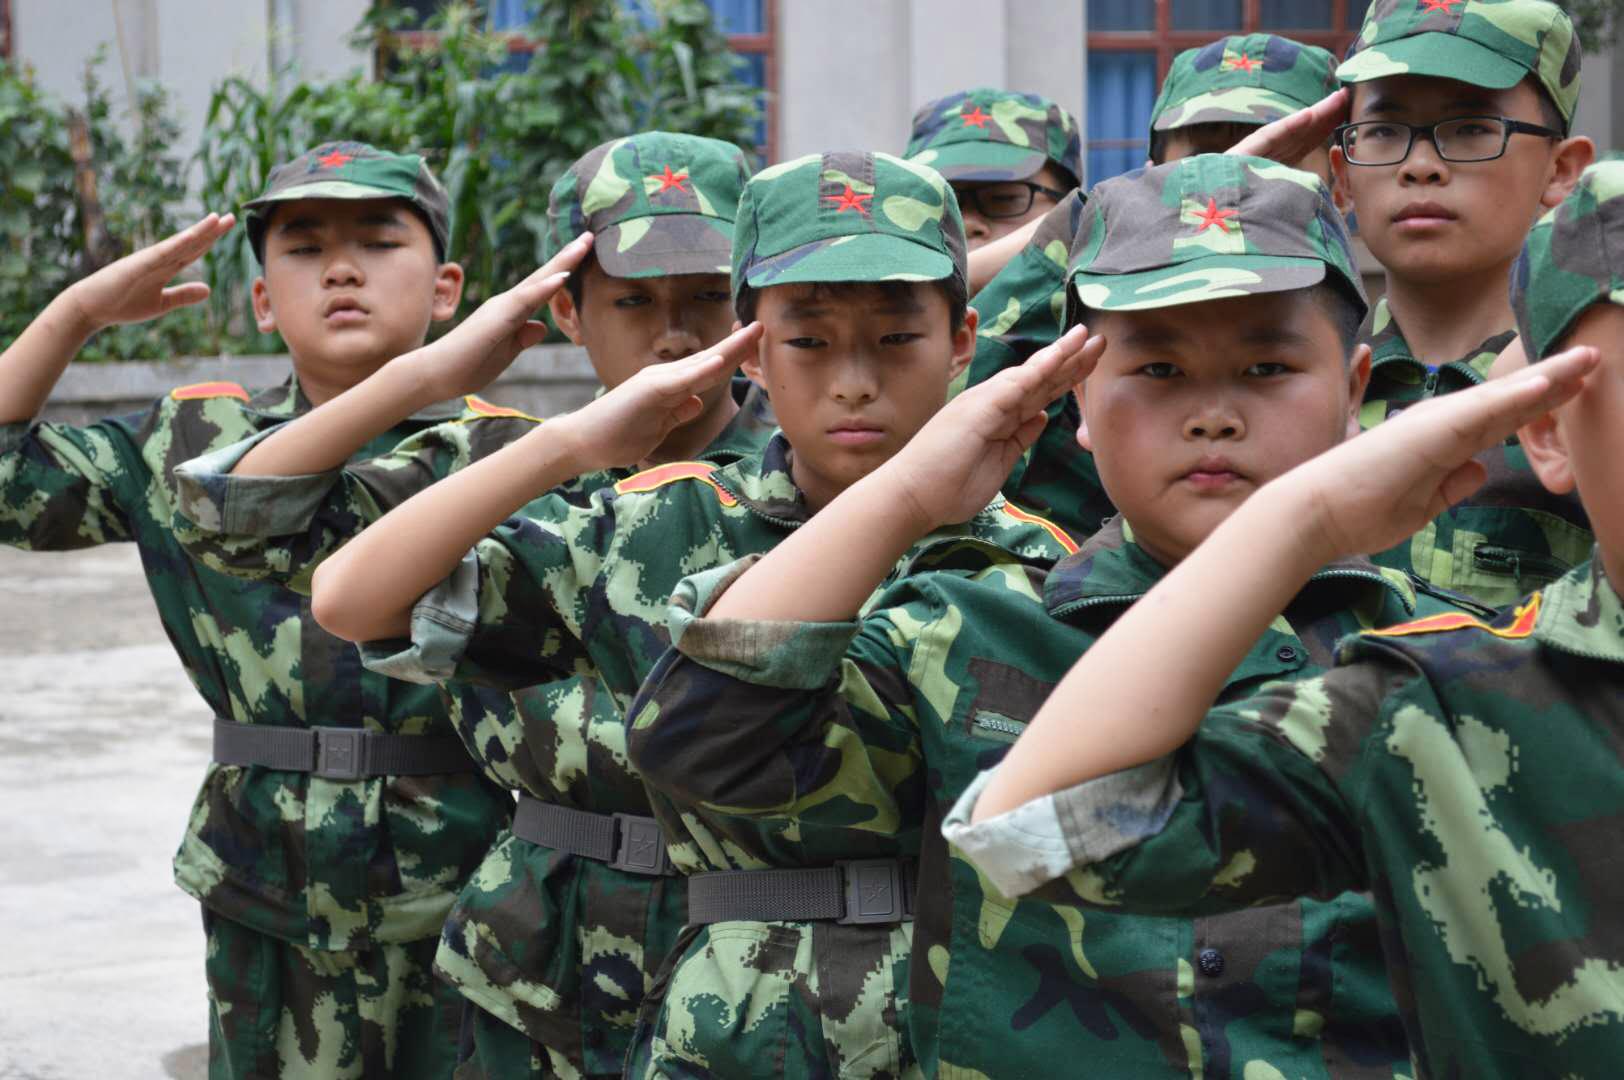 军事集训敬礼